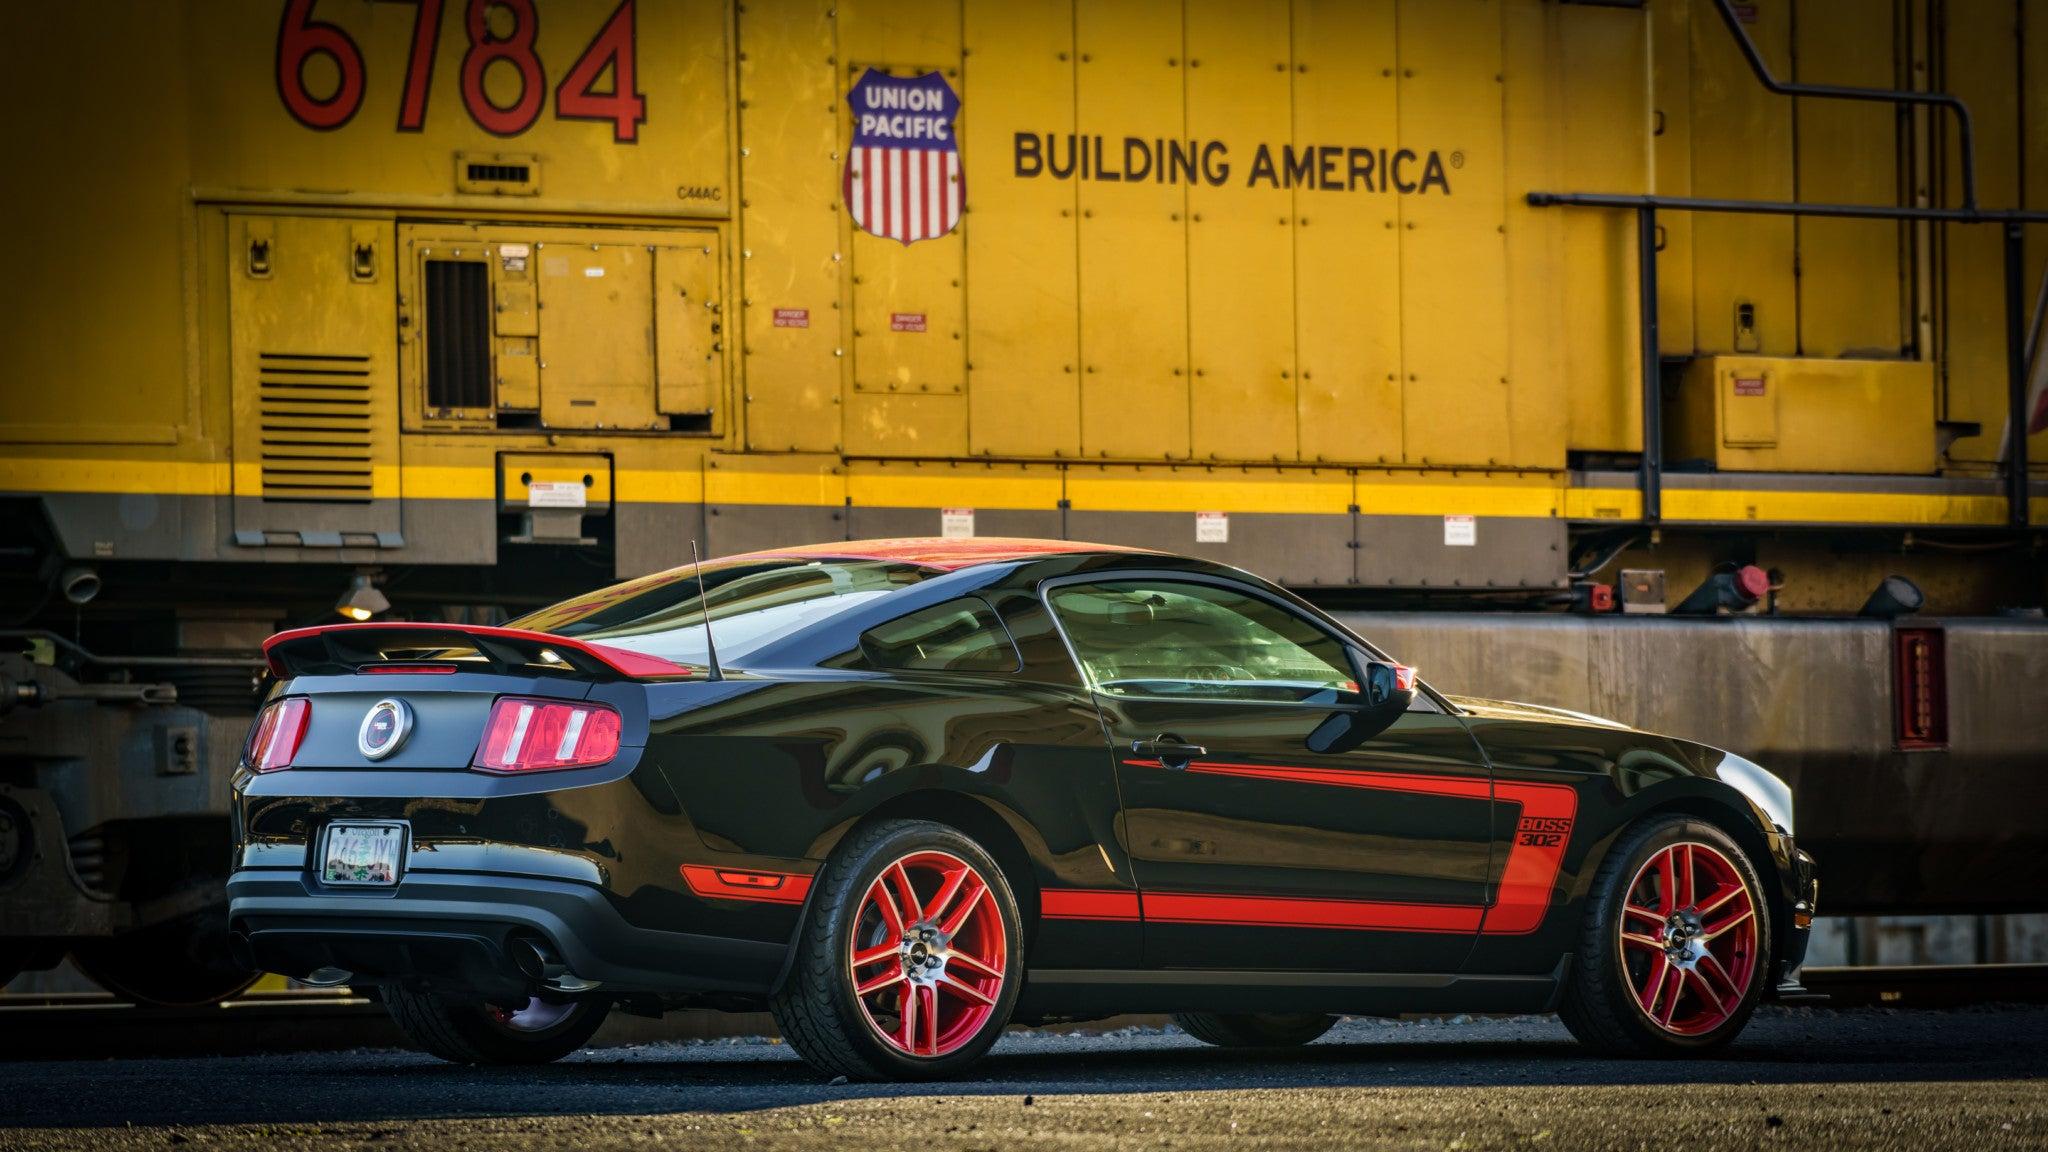 Auto World Modern Muscle 2012 Ford Mustang Boss 302 Laguna Seca Ver A /& B 64262